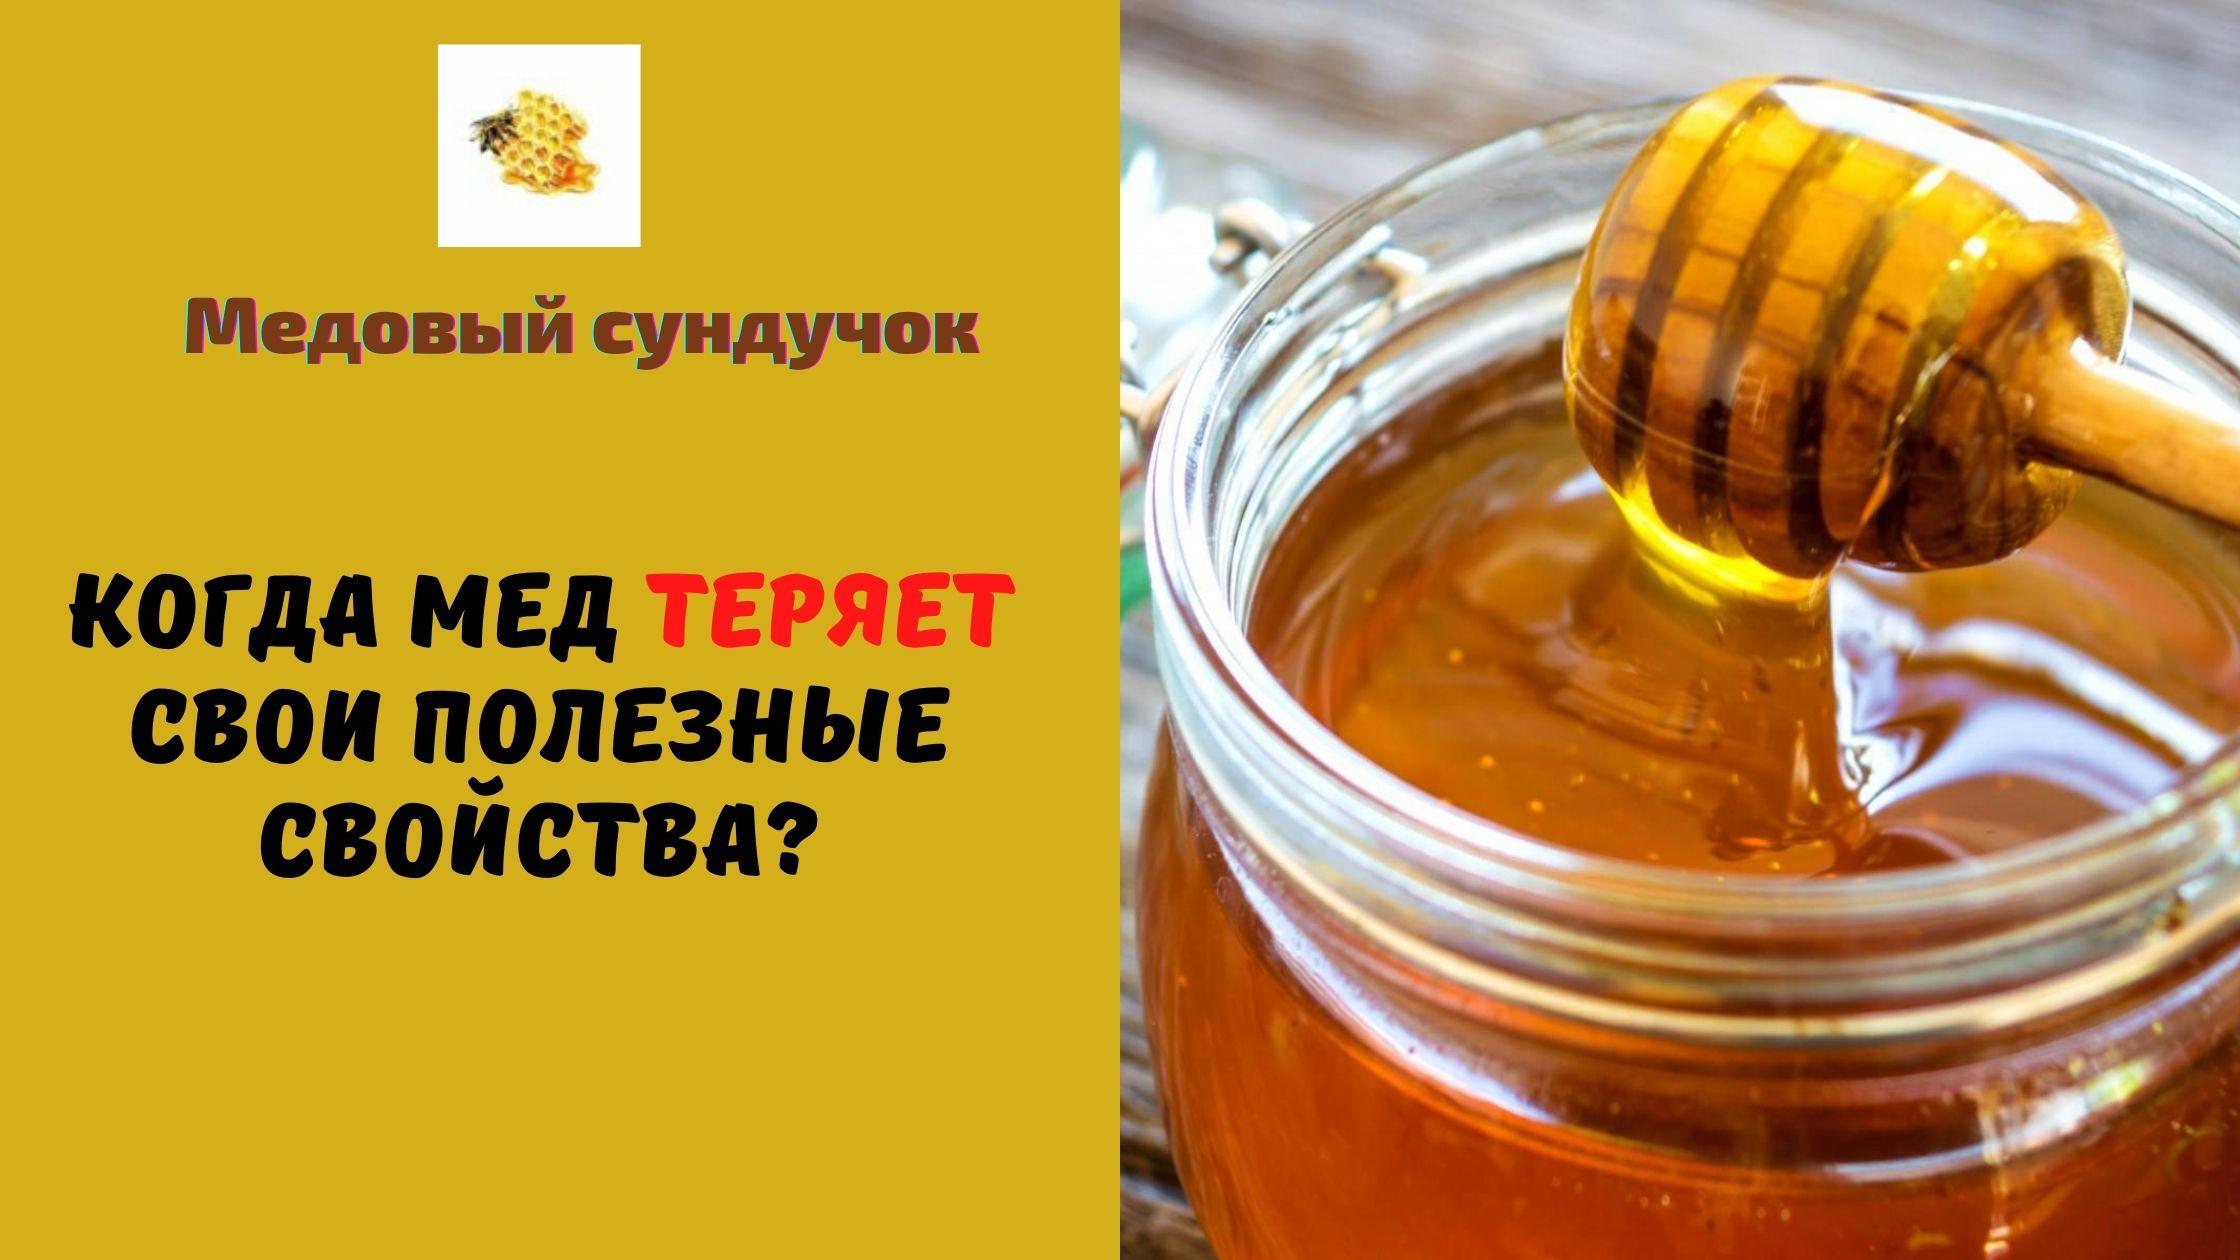 Когда мед теряет свои полезные свойства